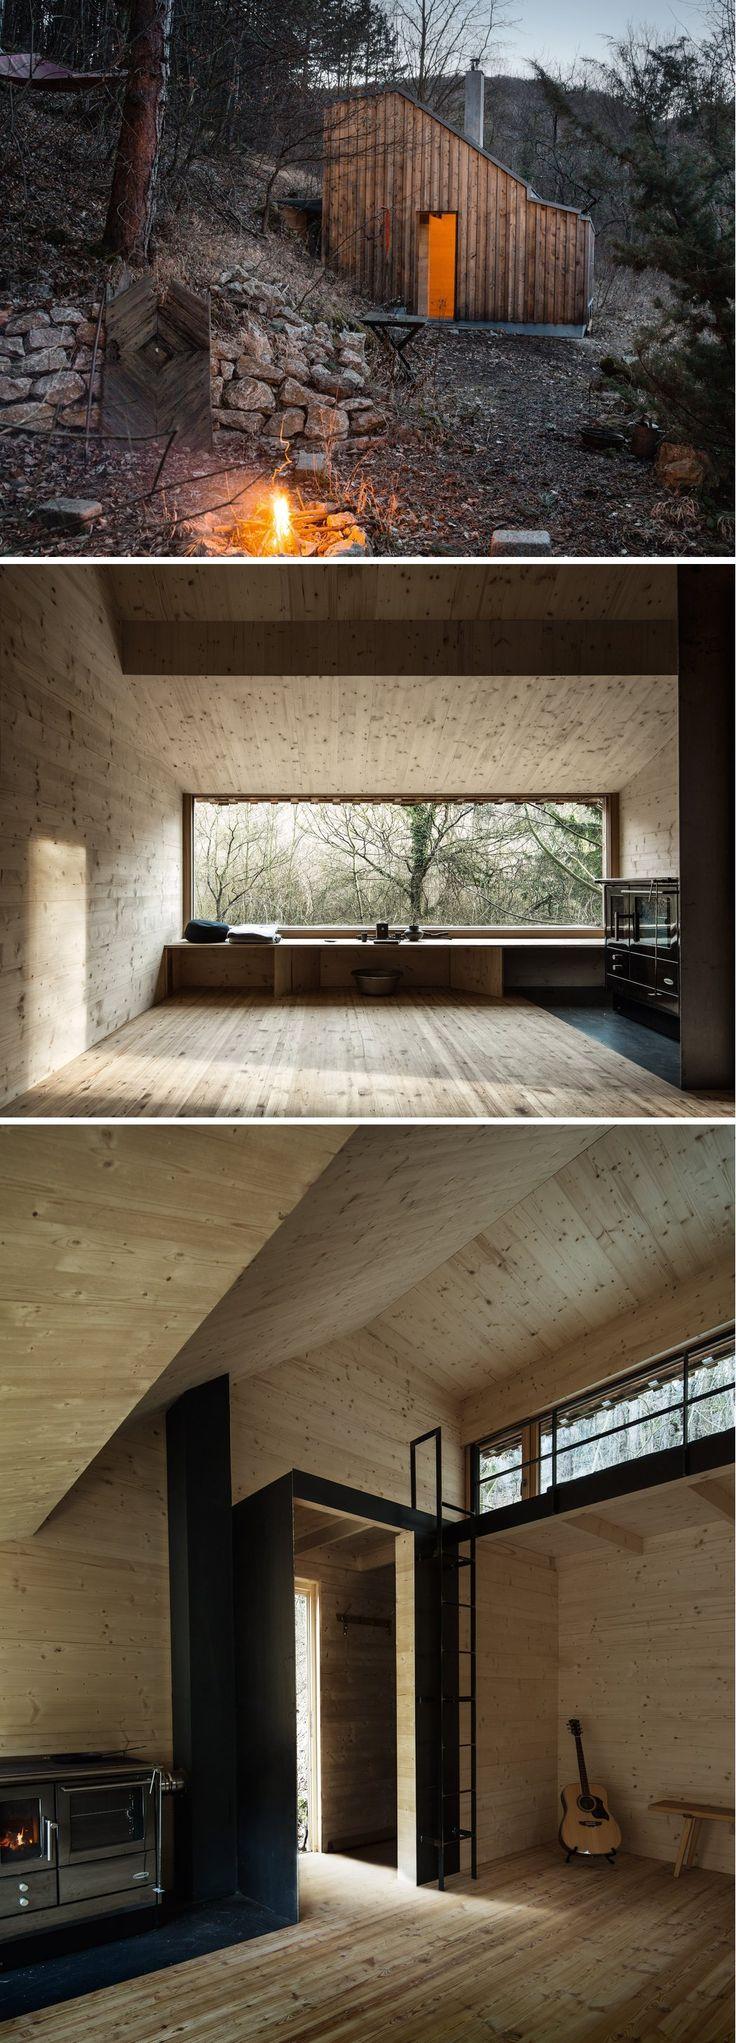 Tom's Hut by Raumhochrosen Studio.